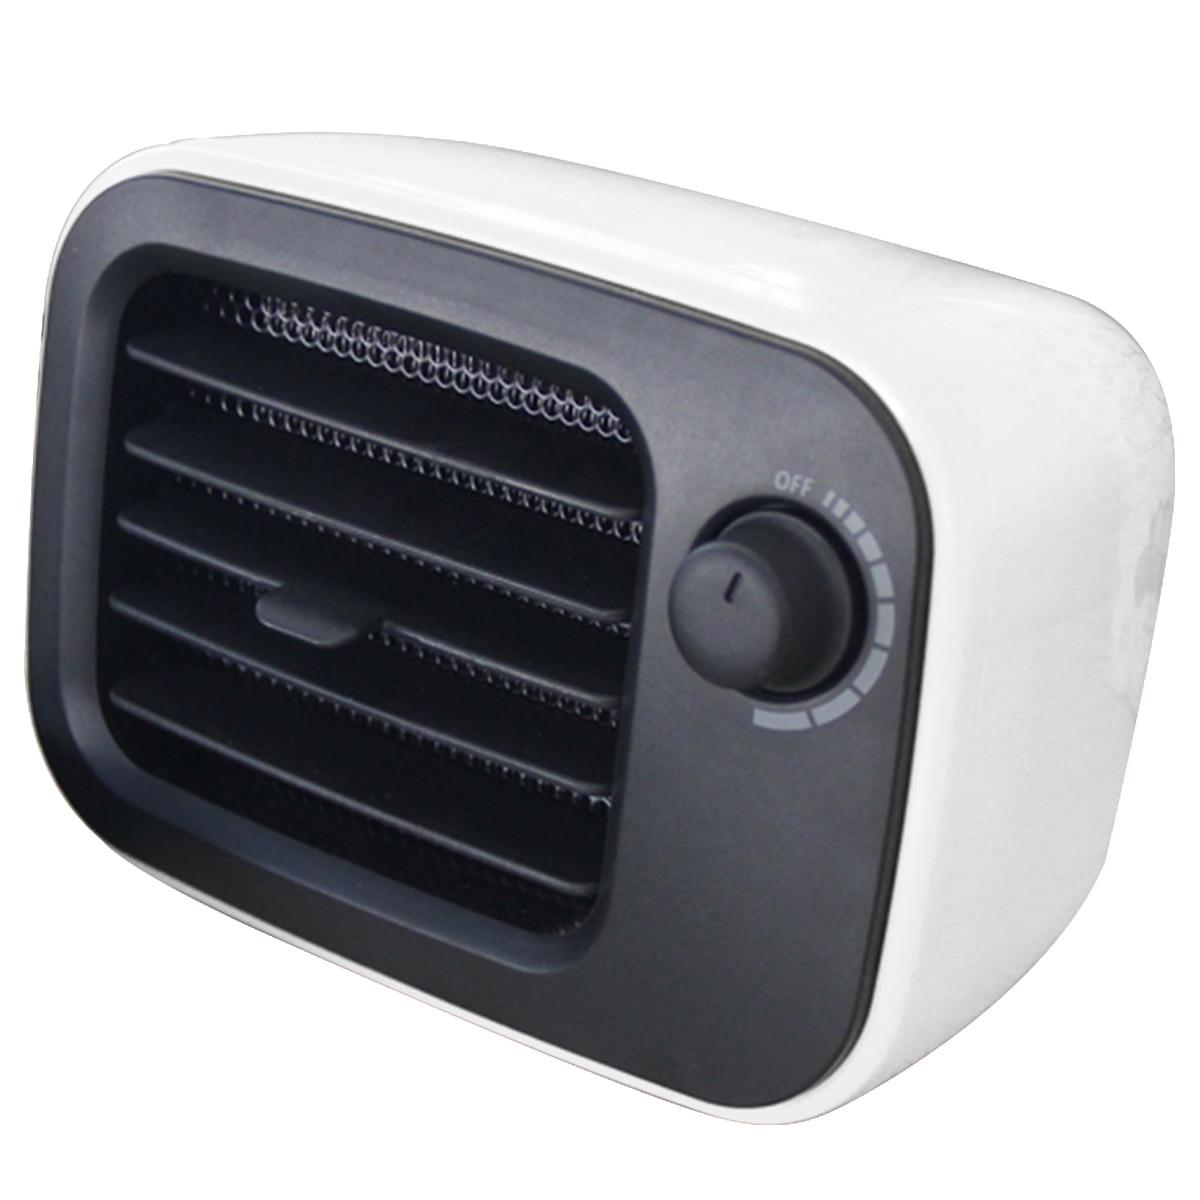 Портативный мини подключаемый тепловентилятор 500 Вт PTC Электрический обогреватель пространства для домашнего офиса Оранжевый/США штекер Ndustrial используется калорифер с вентилятором